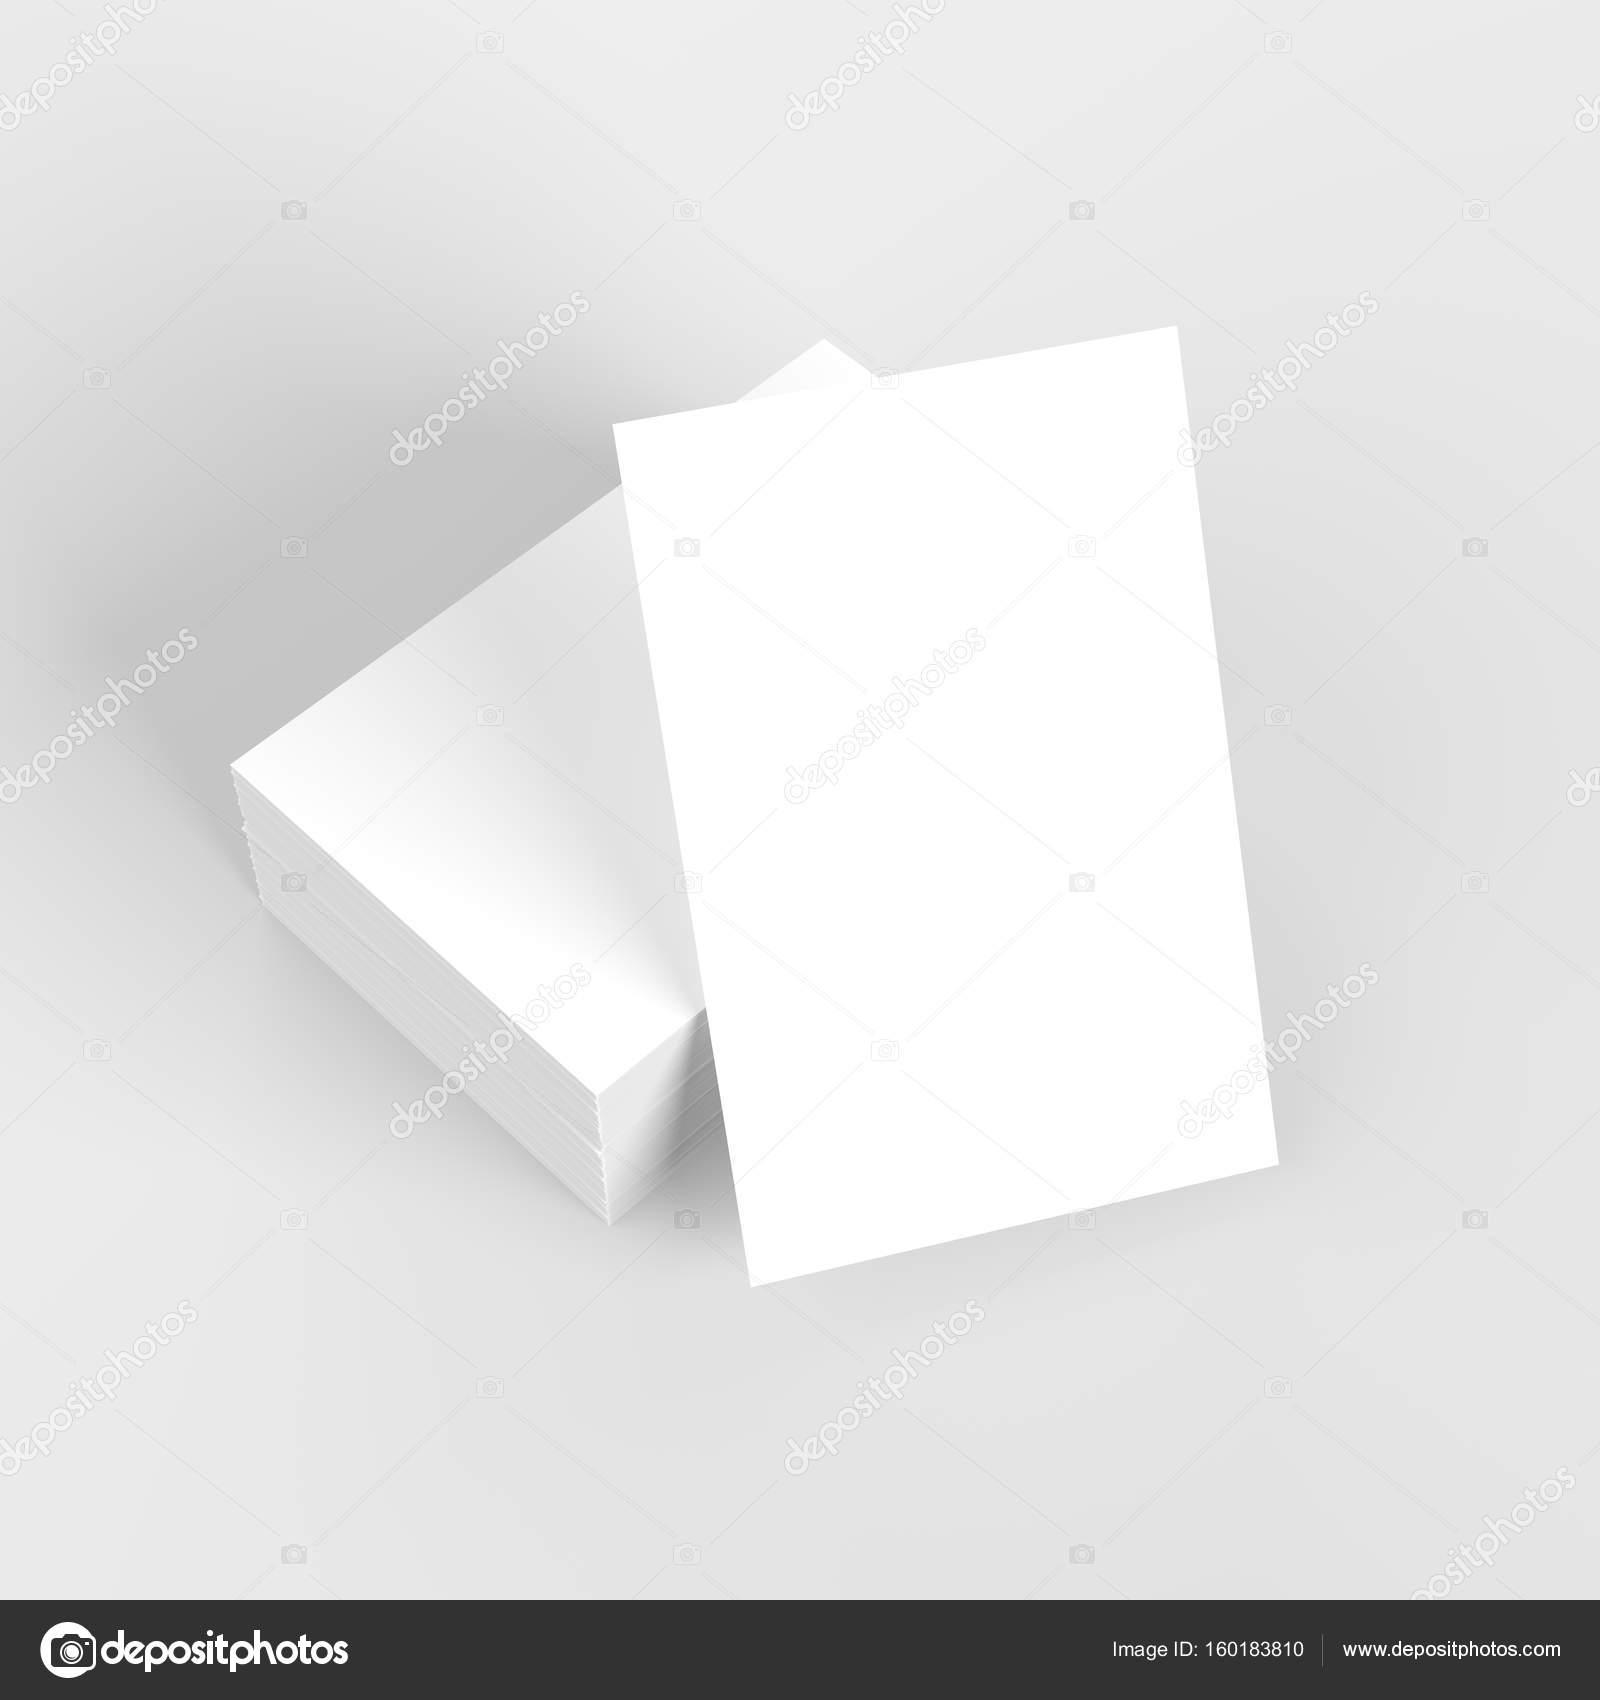 Carte De Visite Maquette Sur Fond Blanc Avec Des Ombres Douces Et Met En Evidence 3D Illustree Image